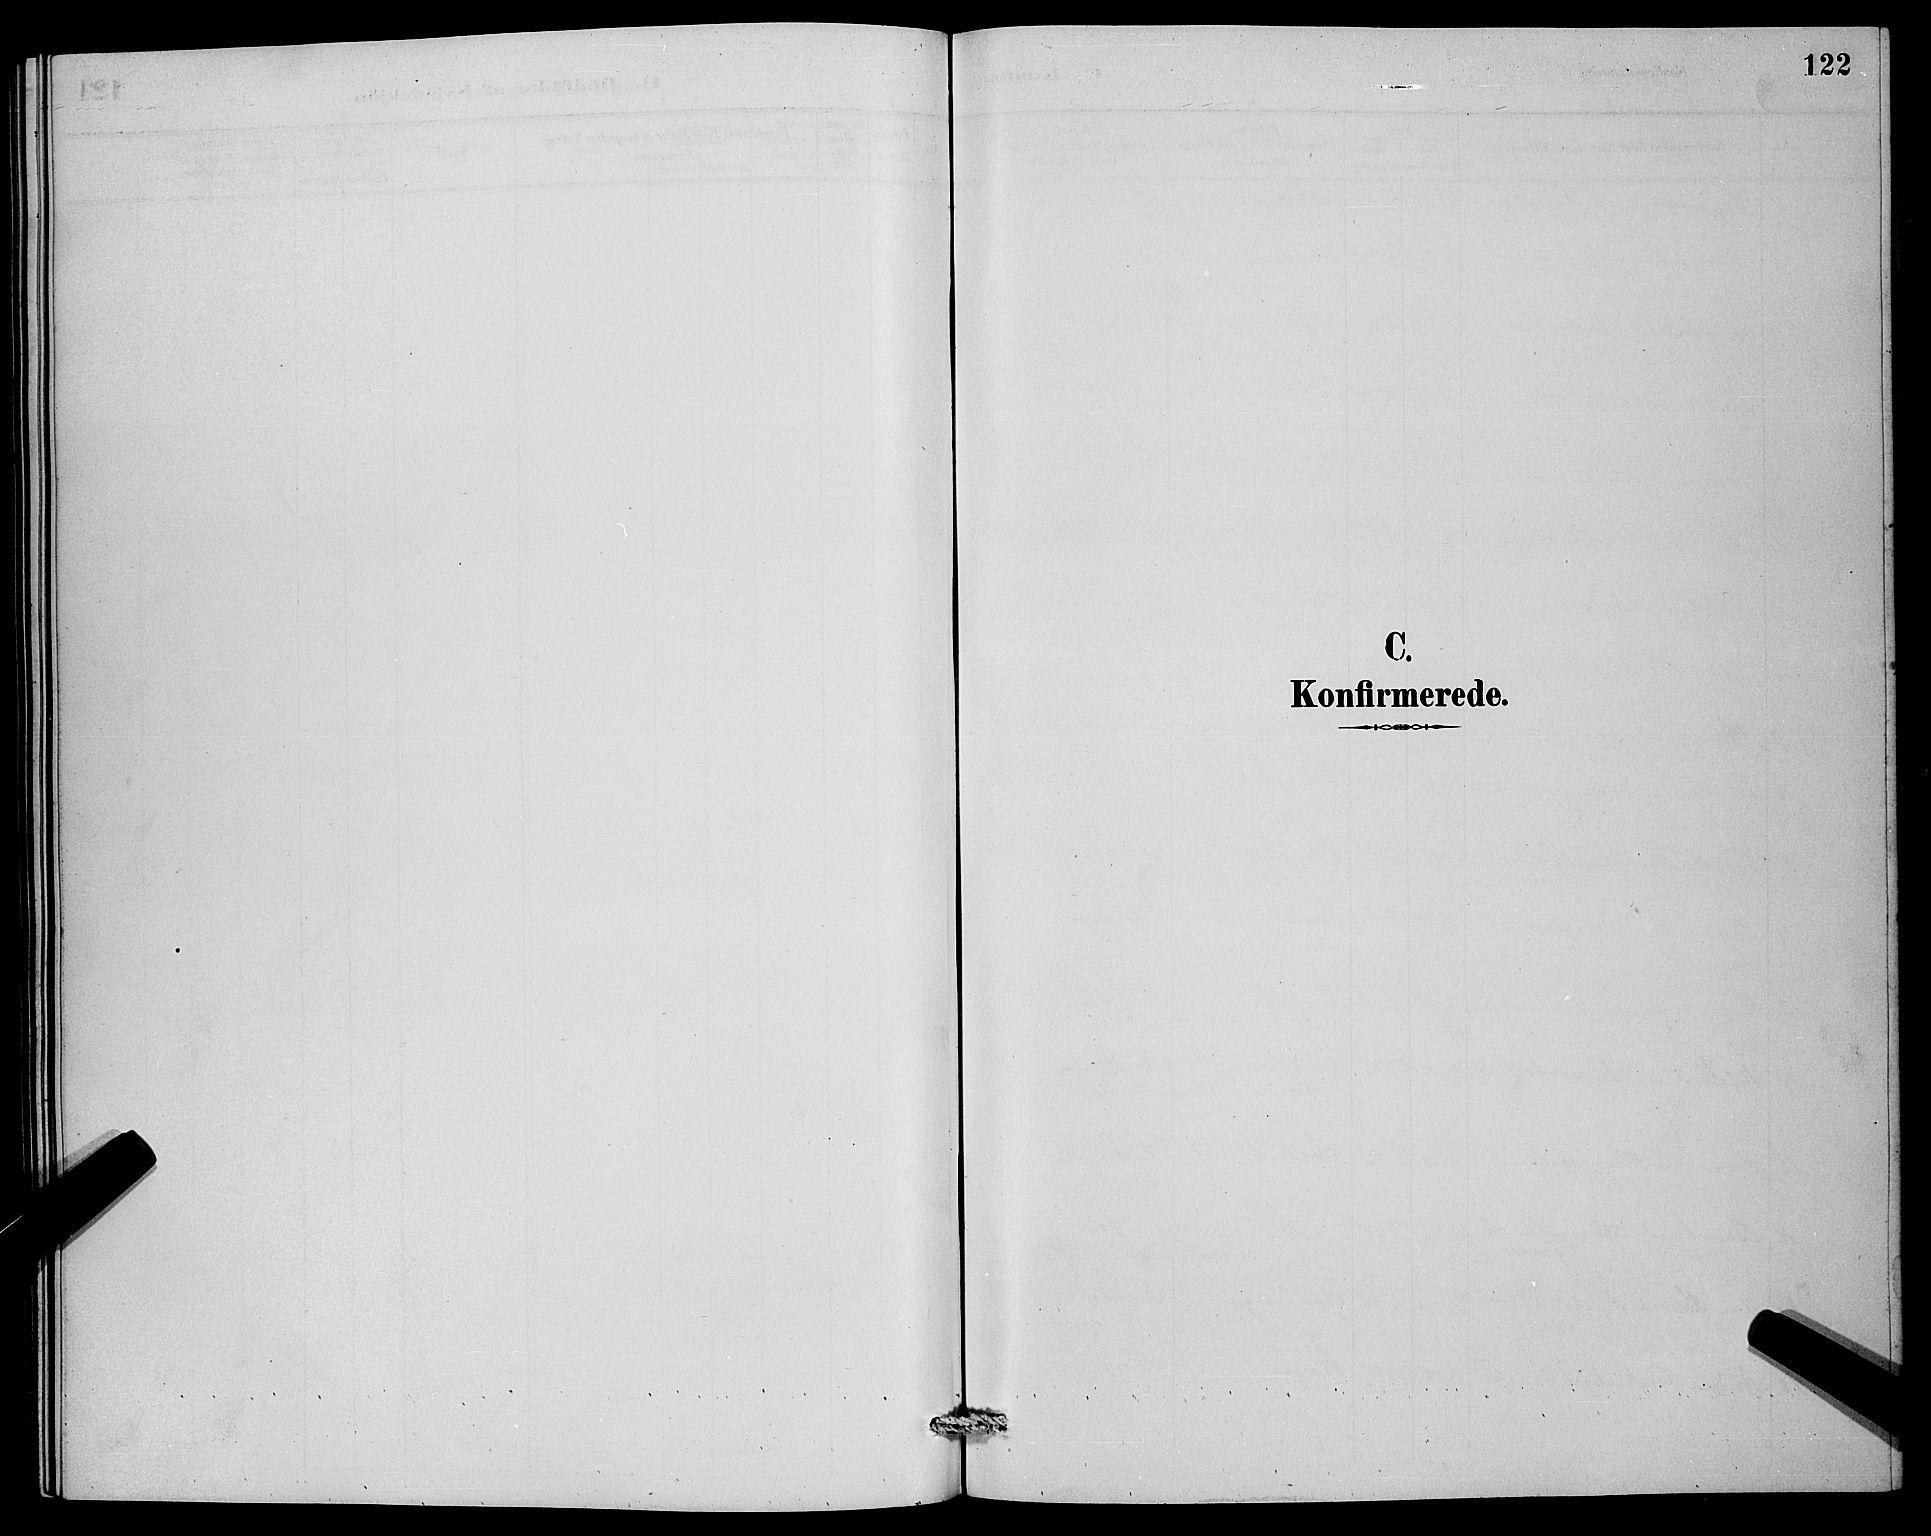 SATØ, Lenvik sokneprestembete, H/Ha: Klokkerbok nr. 7, 1890-1898, s. 122